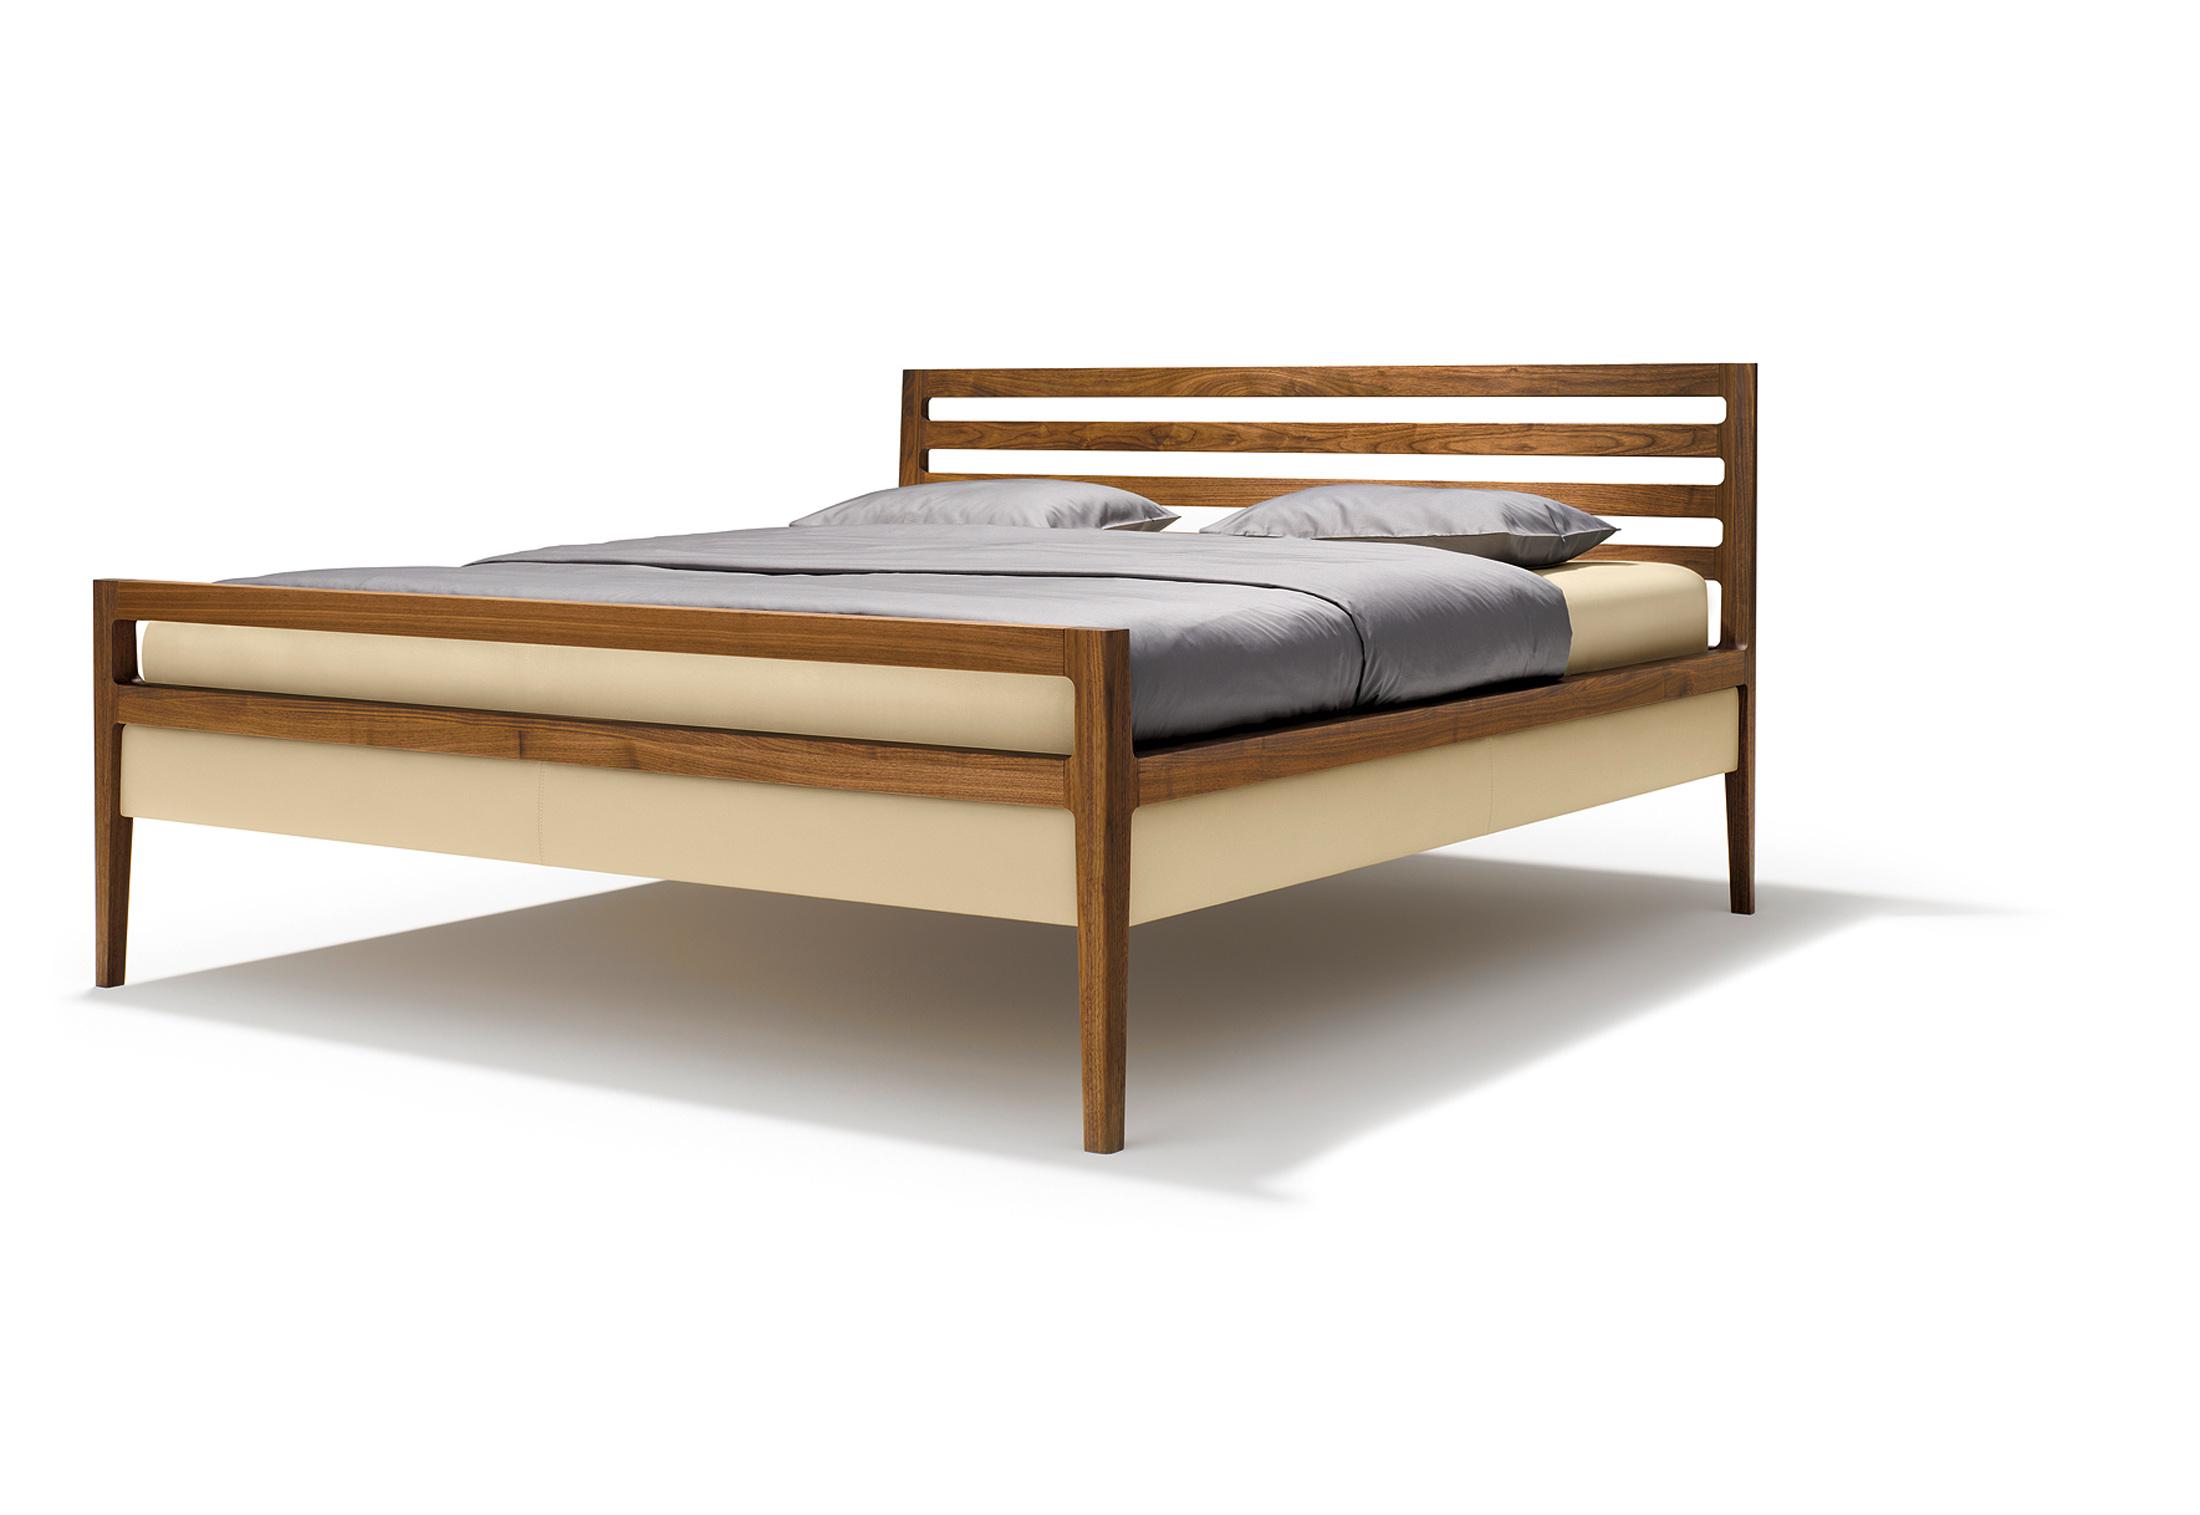 mylon bett von team 7 stylepark. Black Bedroom Furniture Sets. Home Design Ideas